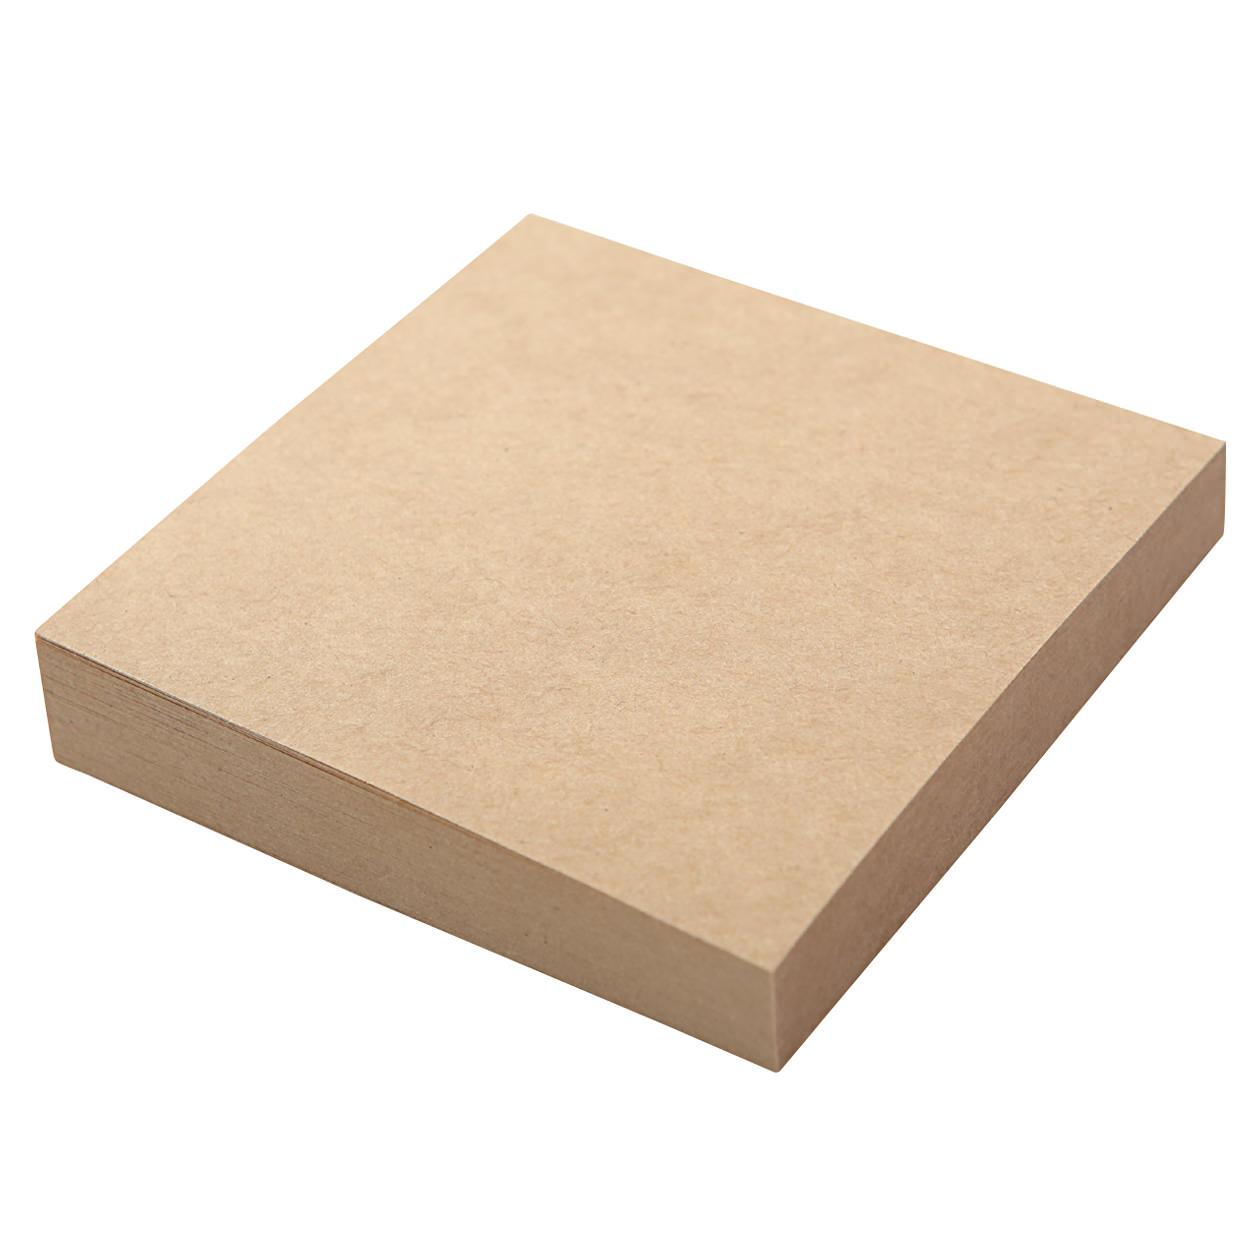 クラフト付箋紙